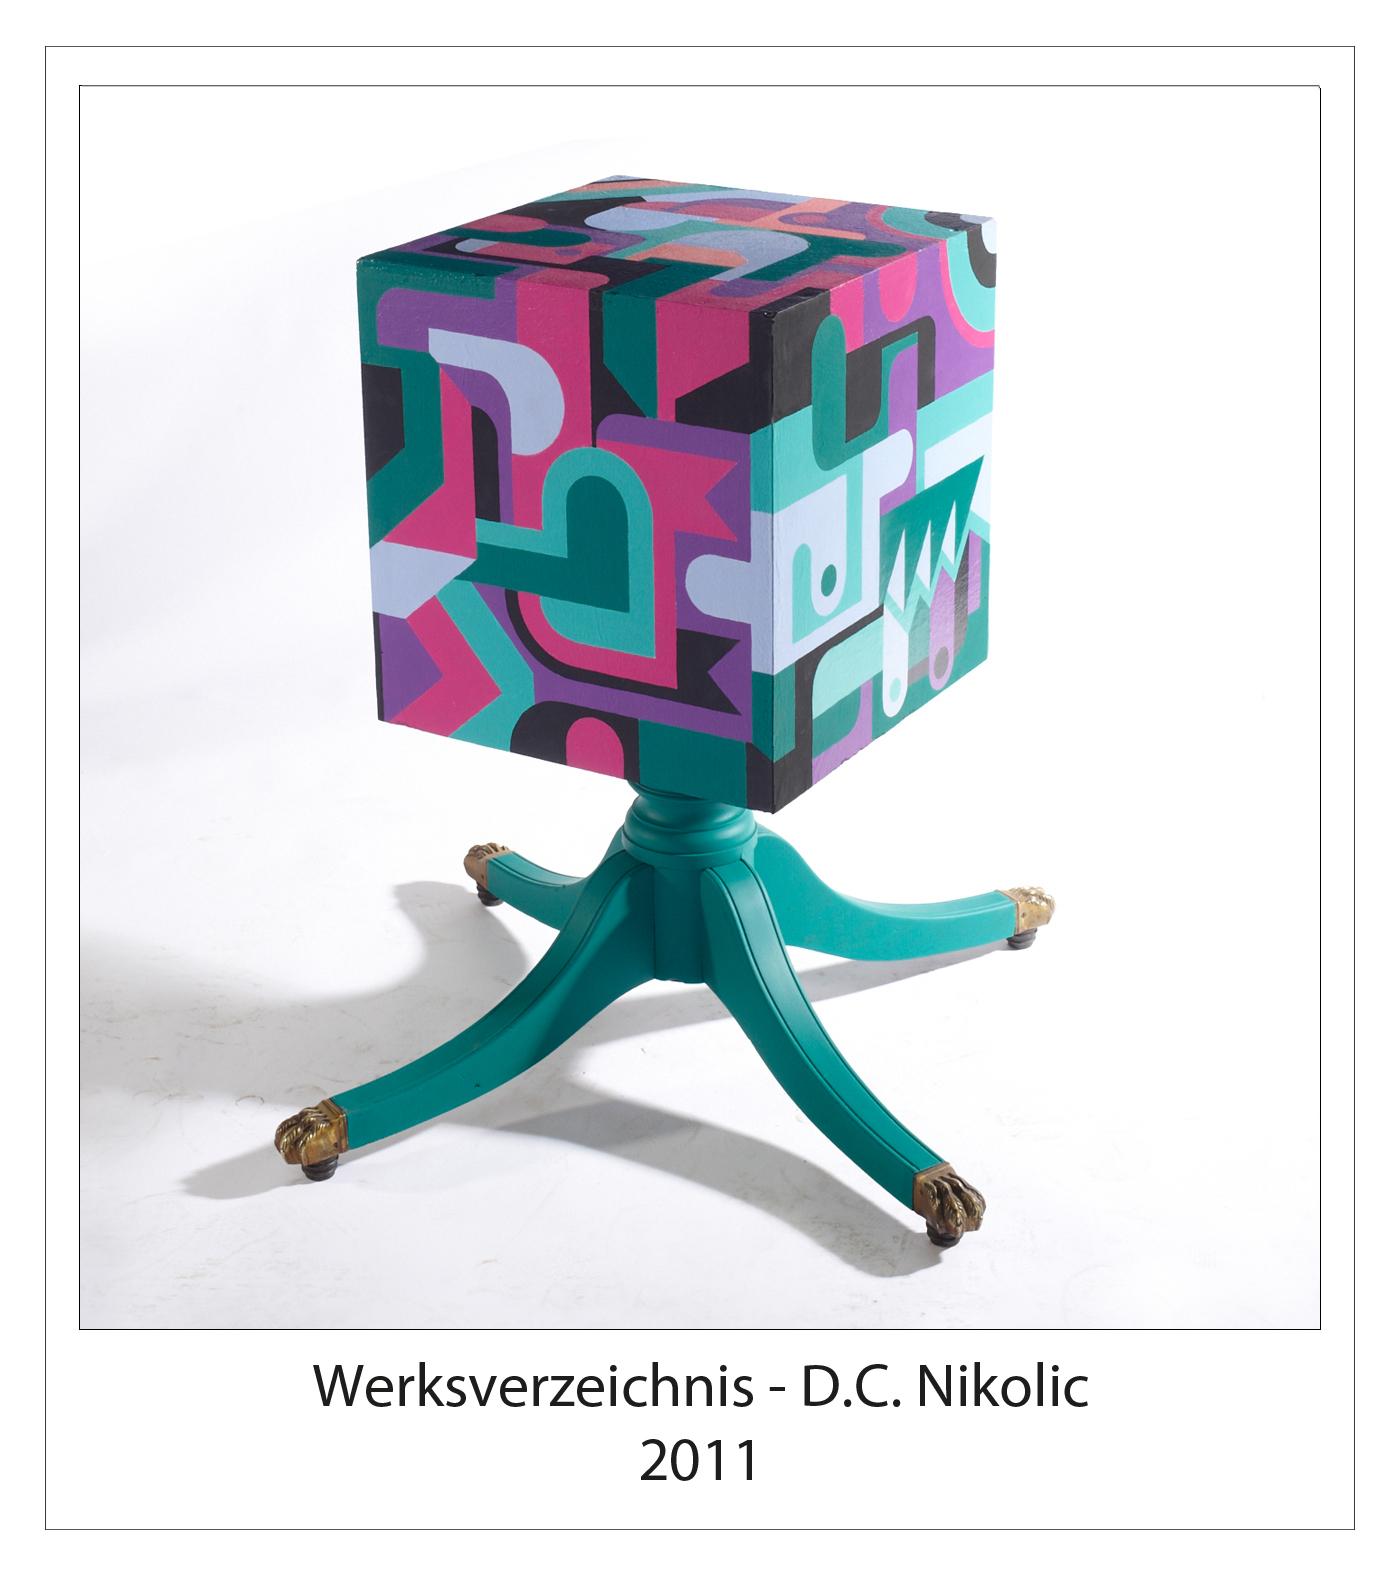 Werksverzeichnis 2011 Darko Caramello Nikolic